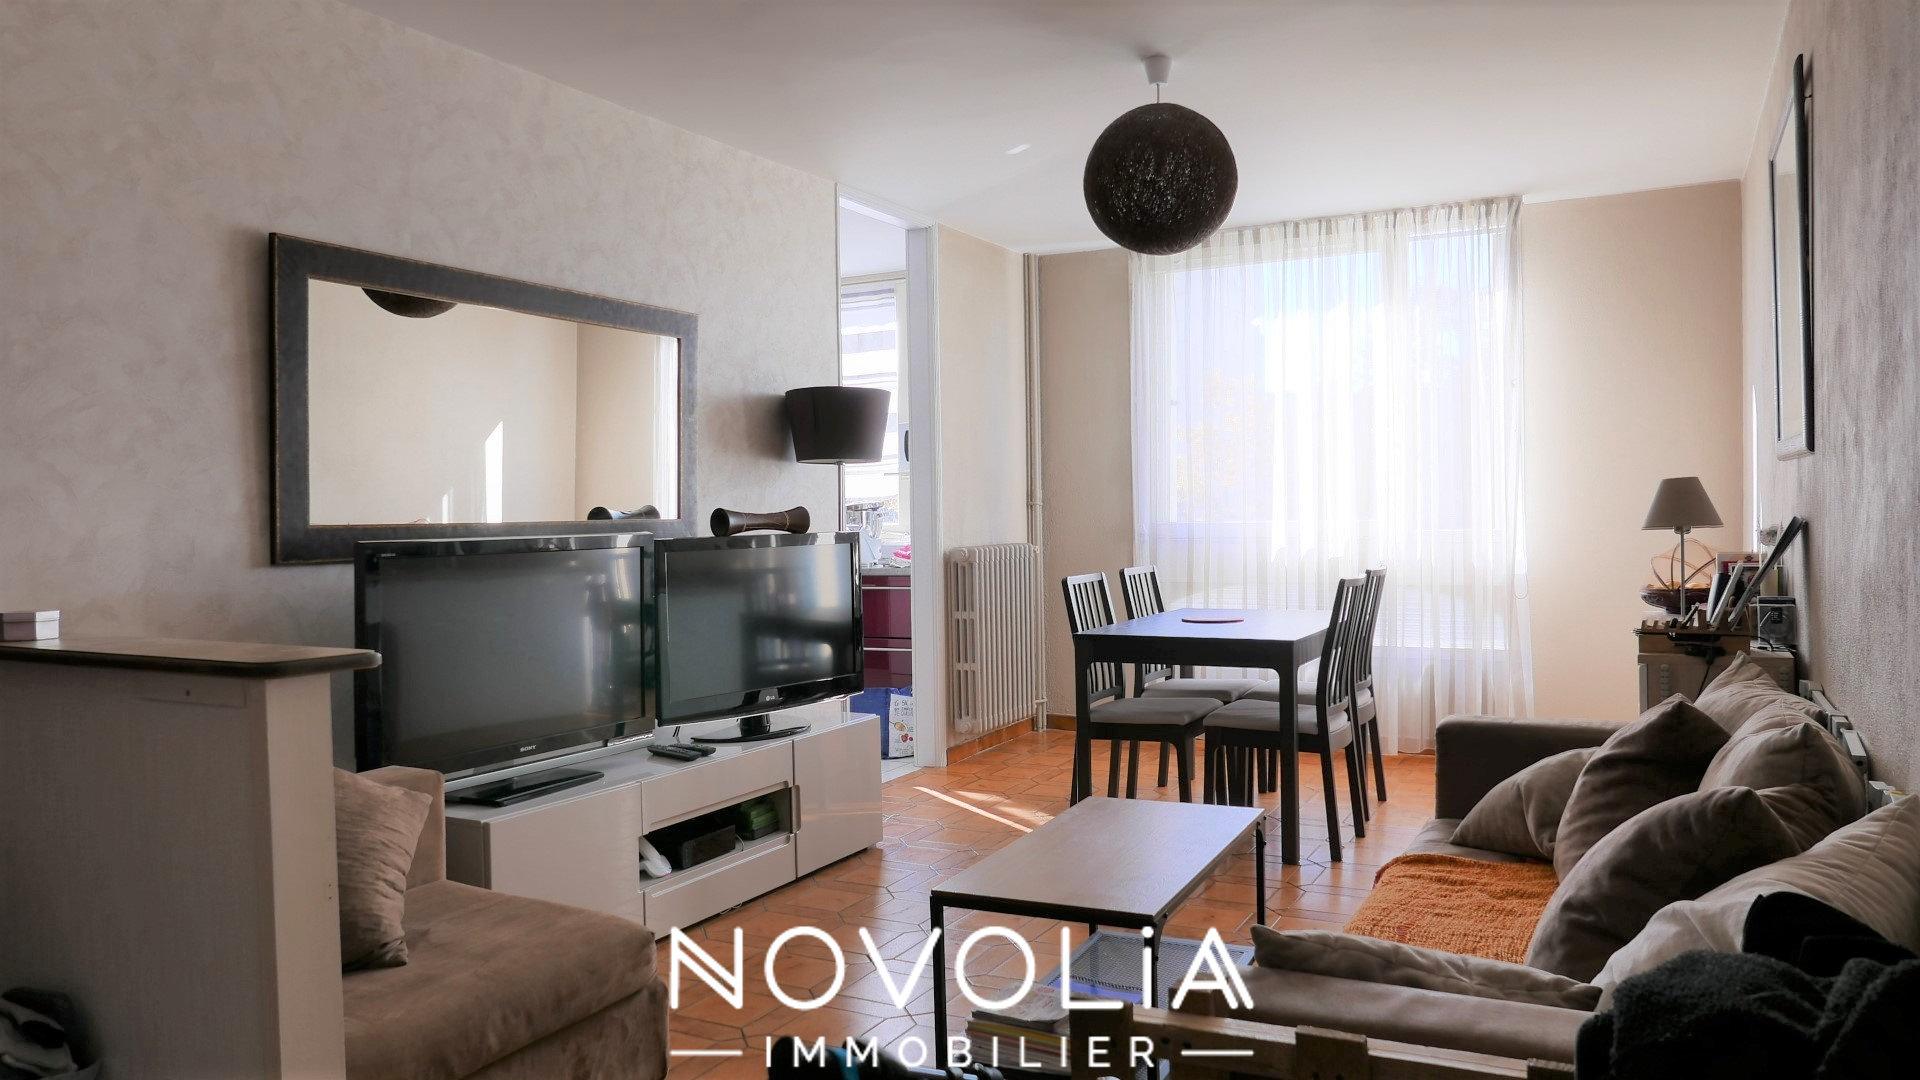 Achat Appartement Surface de 65 m², 3 pièces, Lyon 8ème (69008)